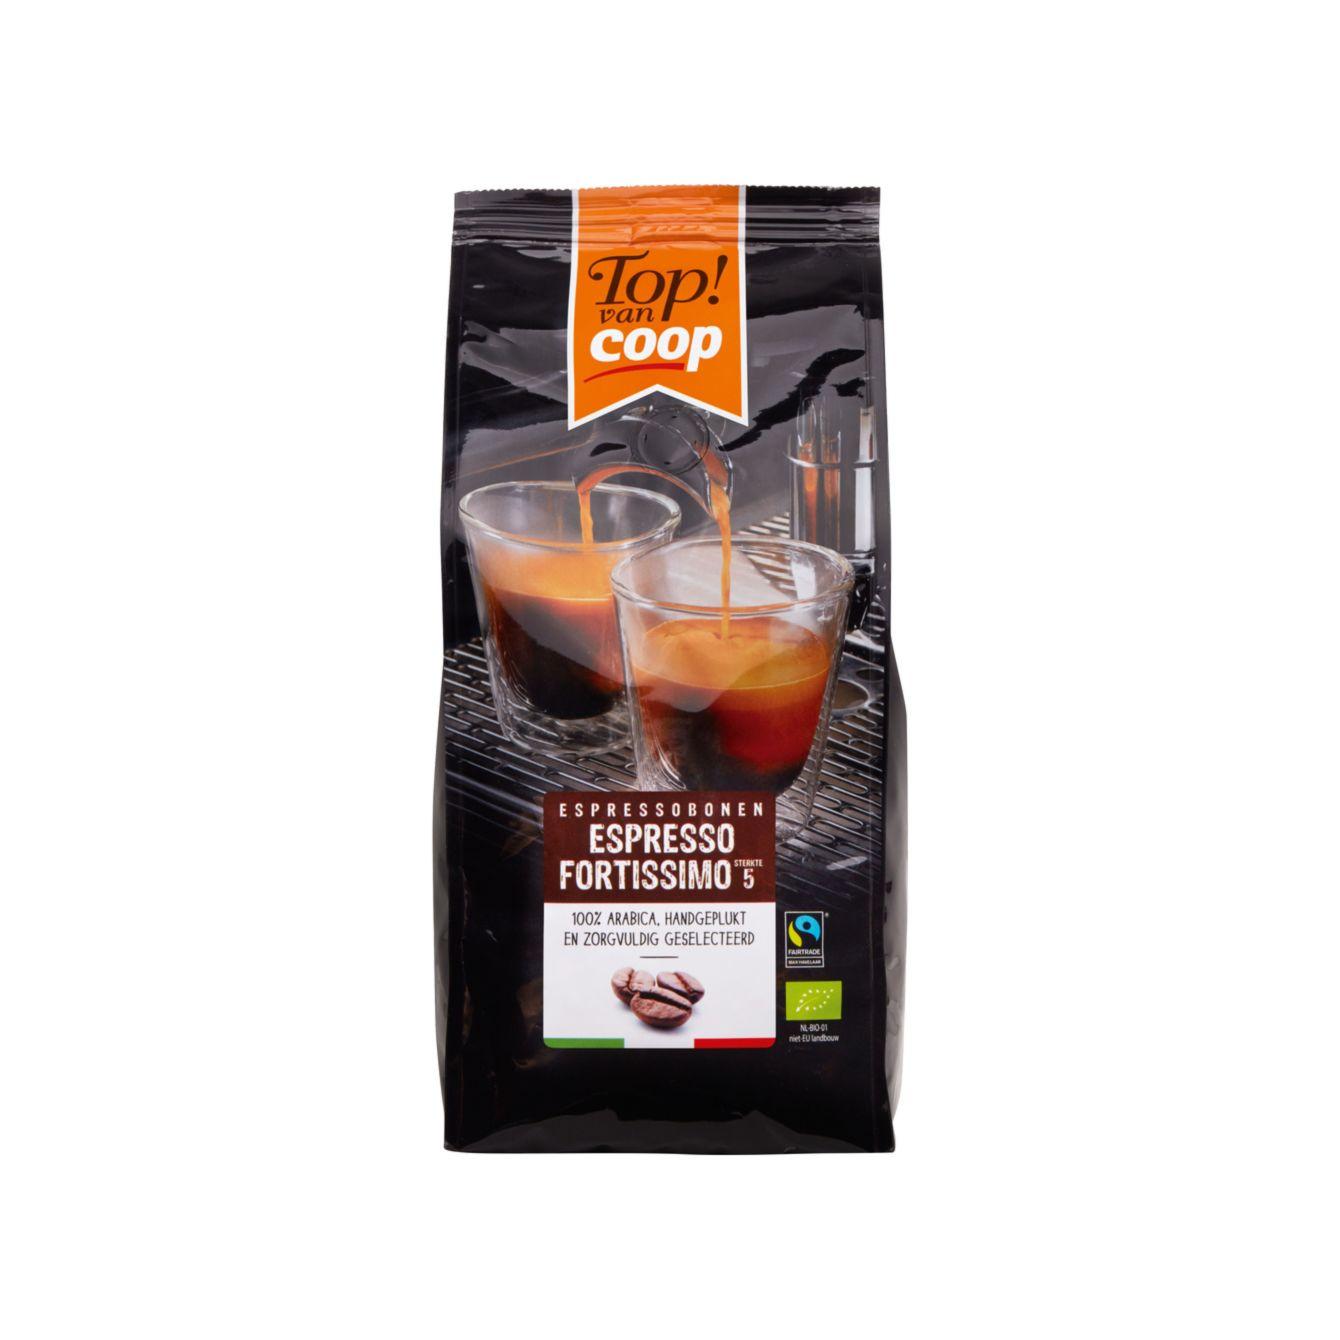 Top! Van Coop Espresso Fortissimo Koffiebonen